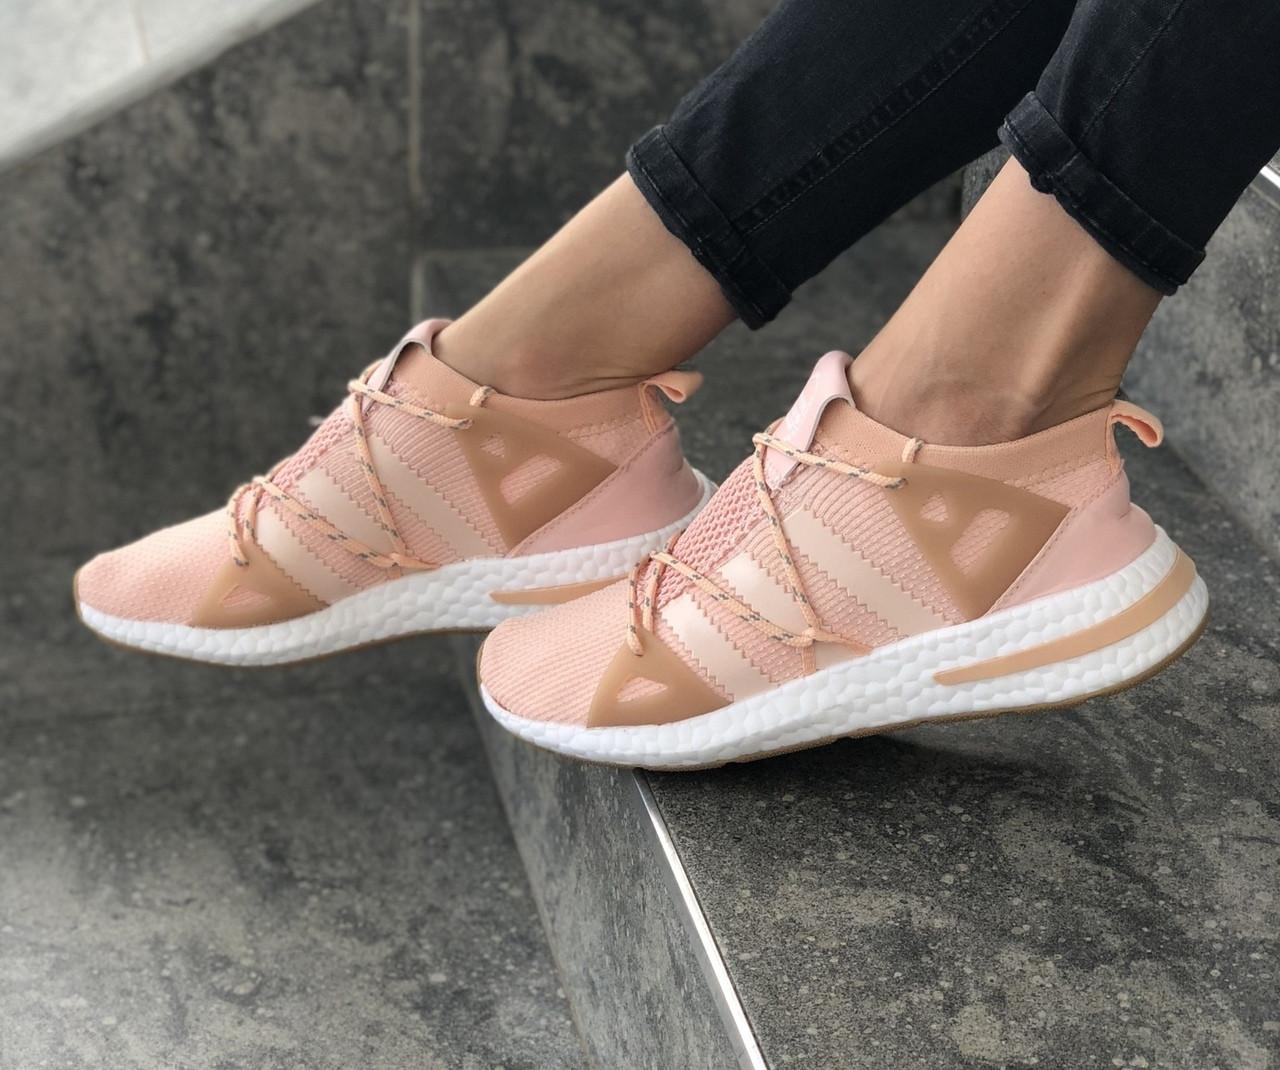 Кроссовки ADIDAS,  женские кроссовки. ТОП качество!!! Реплика